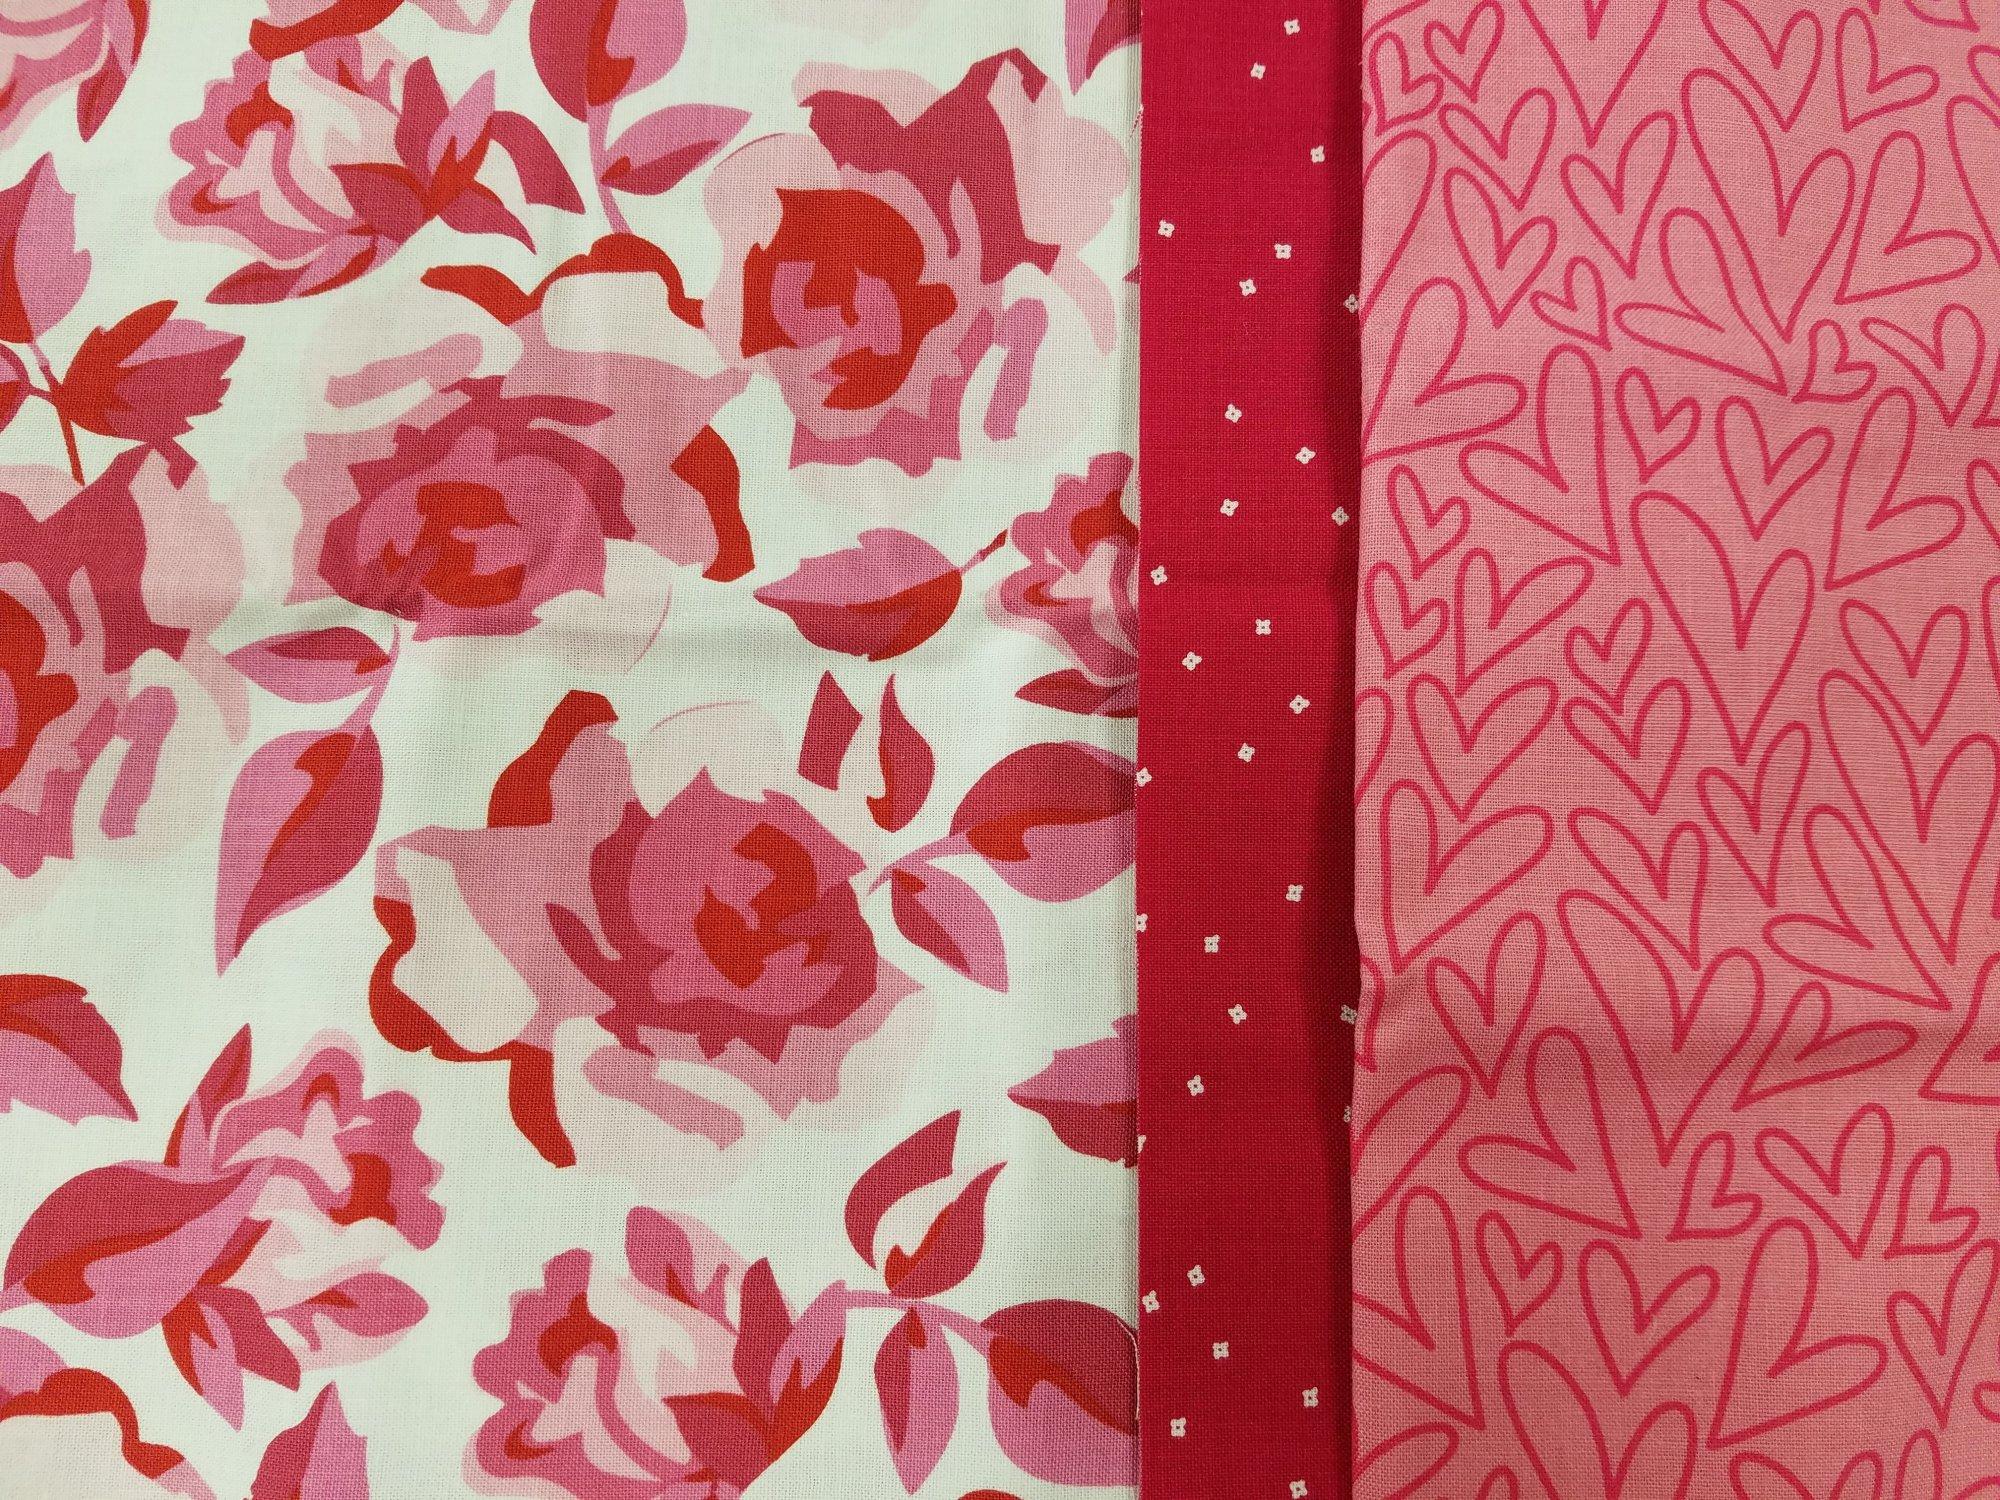 Sending Love Valentines Pillowcase Kit